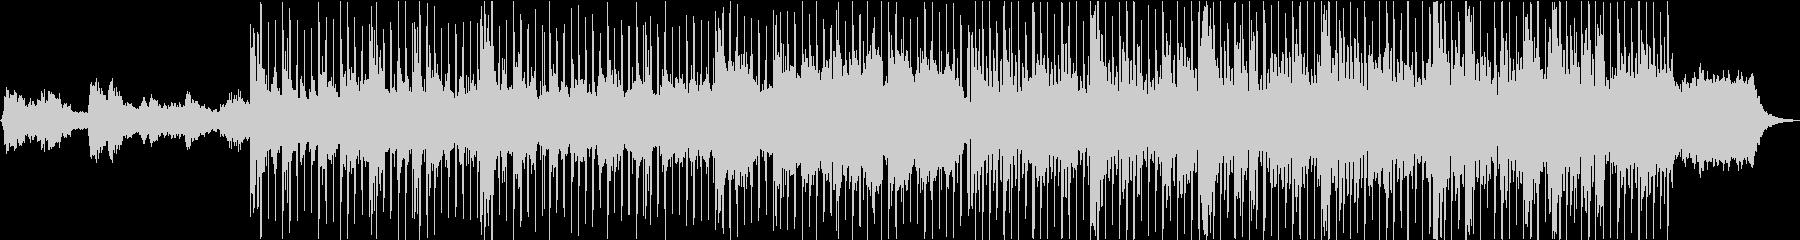 エンディングピアノバラードの未再生の波形